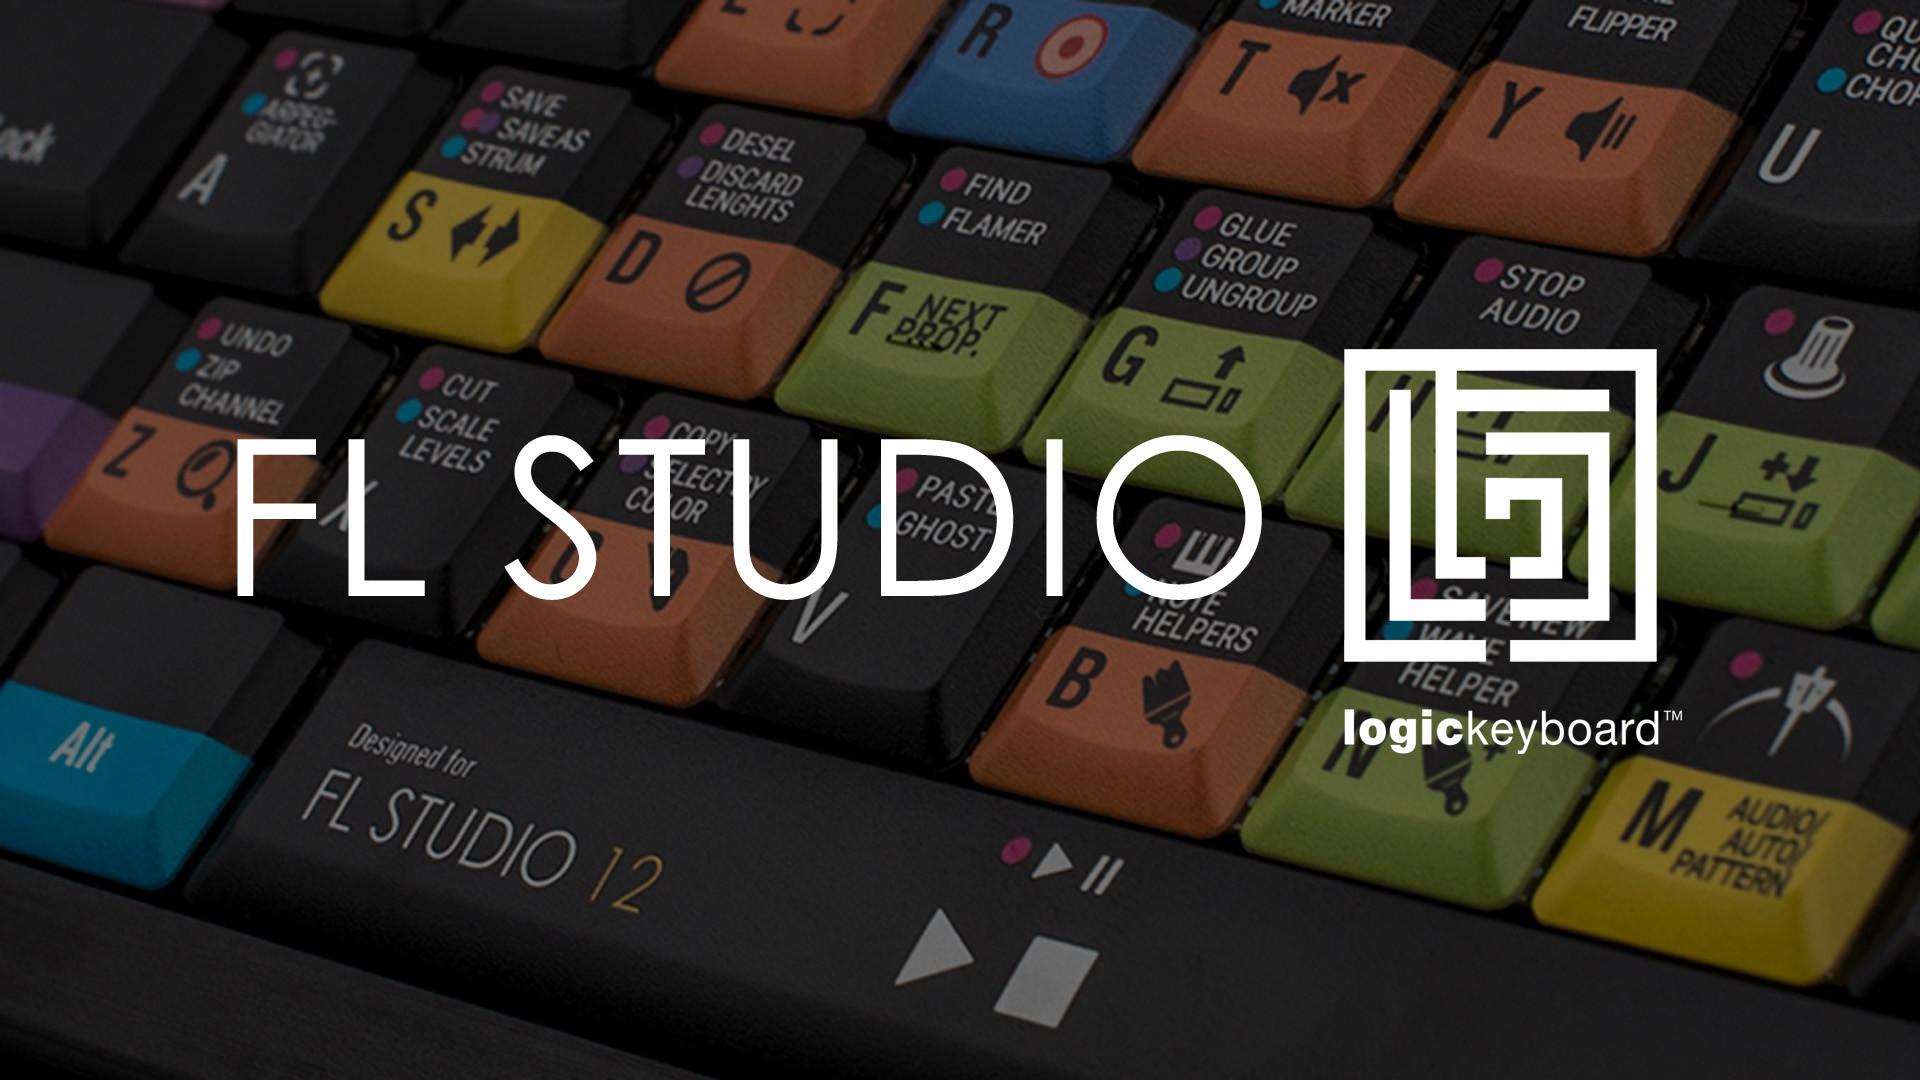 fl studio 12 mega download